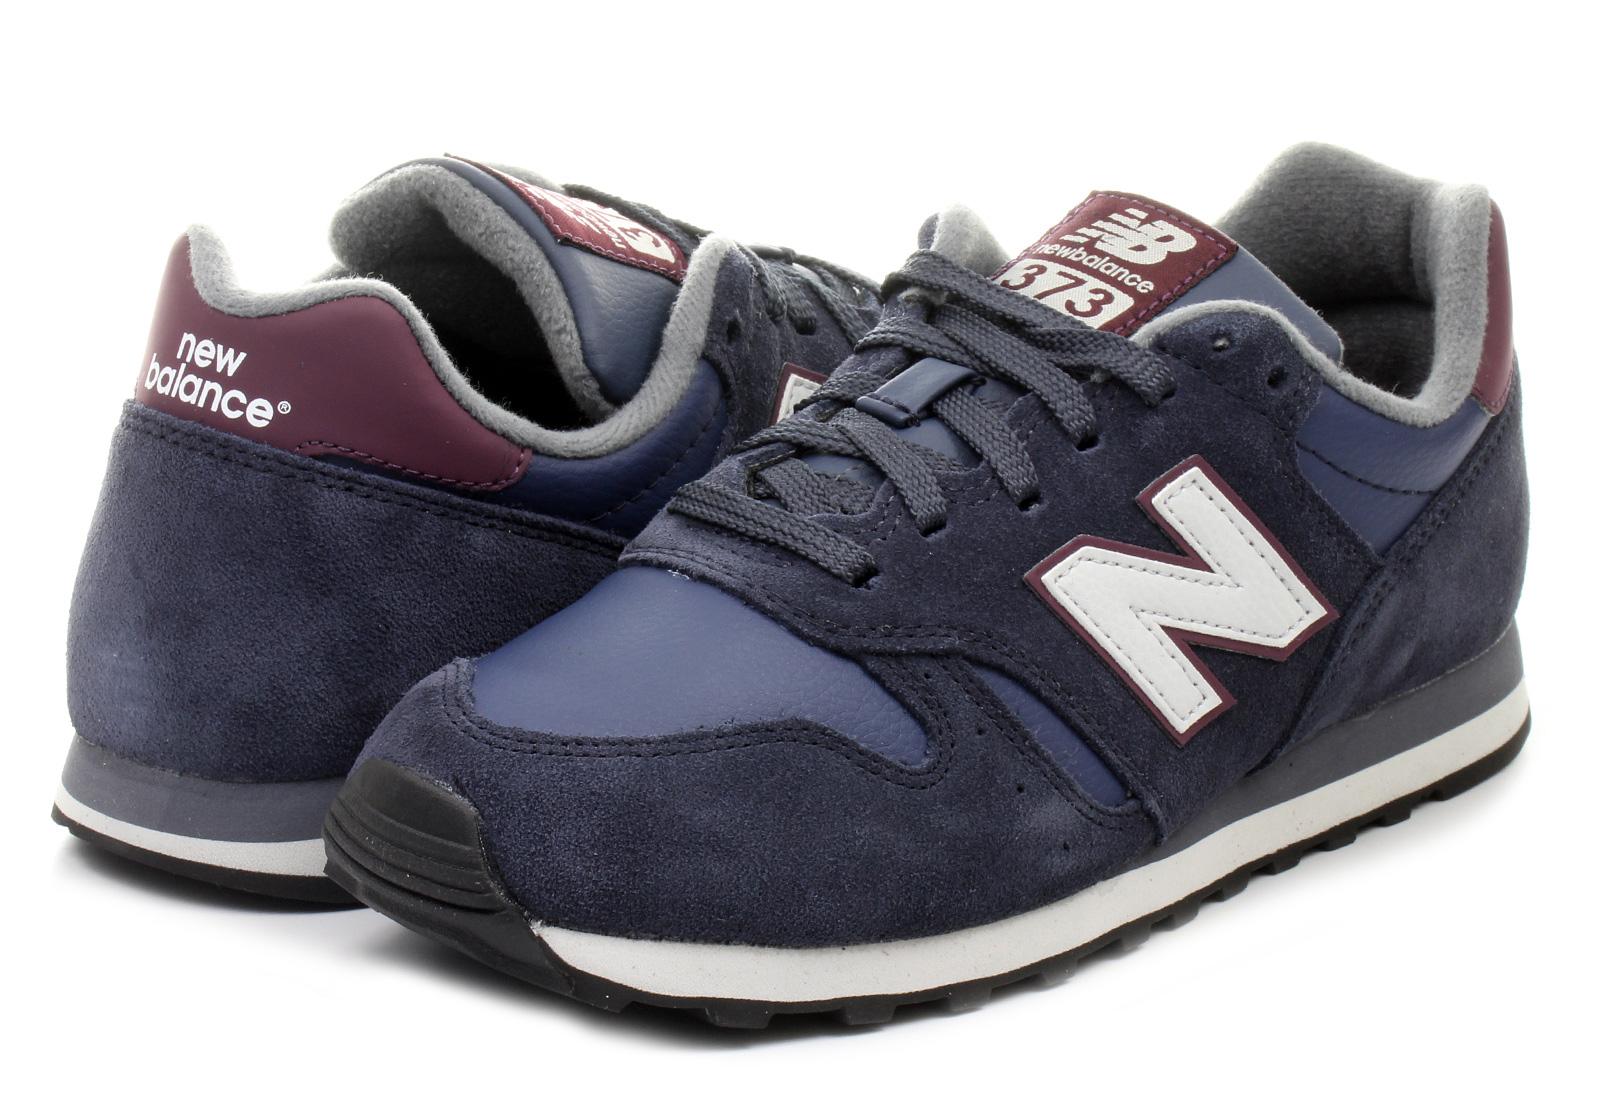 new balance shoes ml373 ml373nsr online shop for. Black Bedroom Furniture Sets. Home Design Ideas